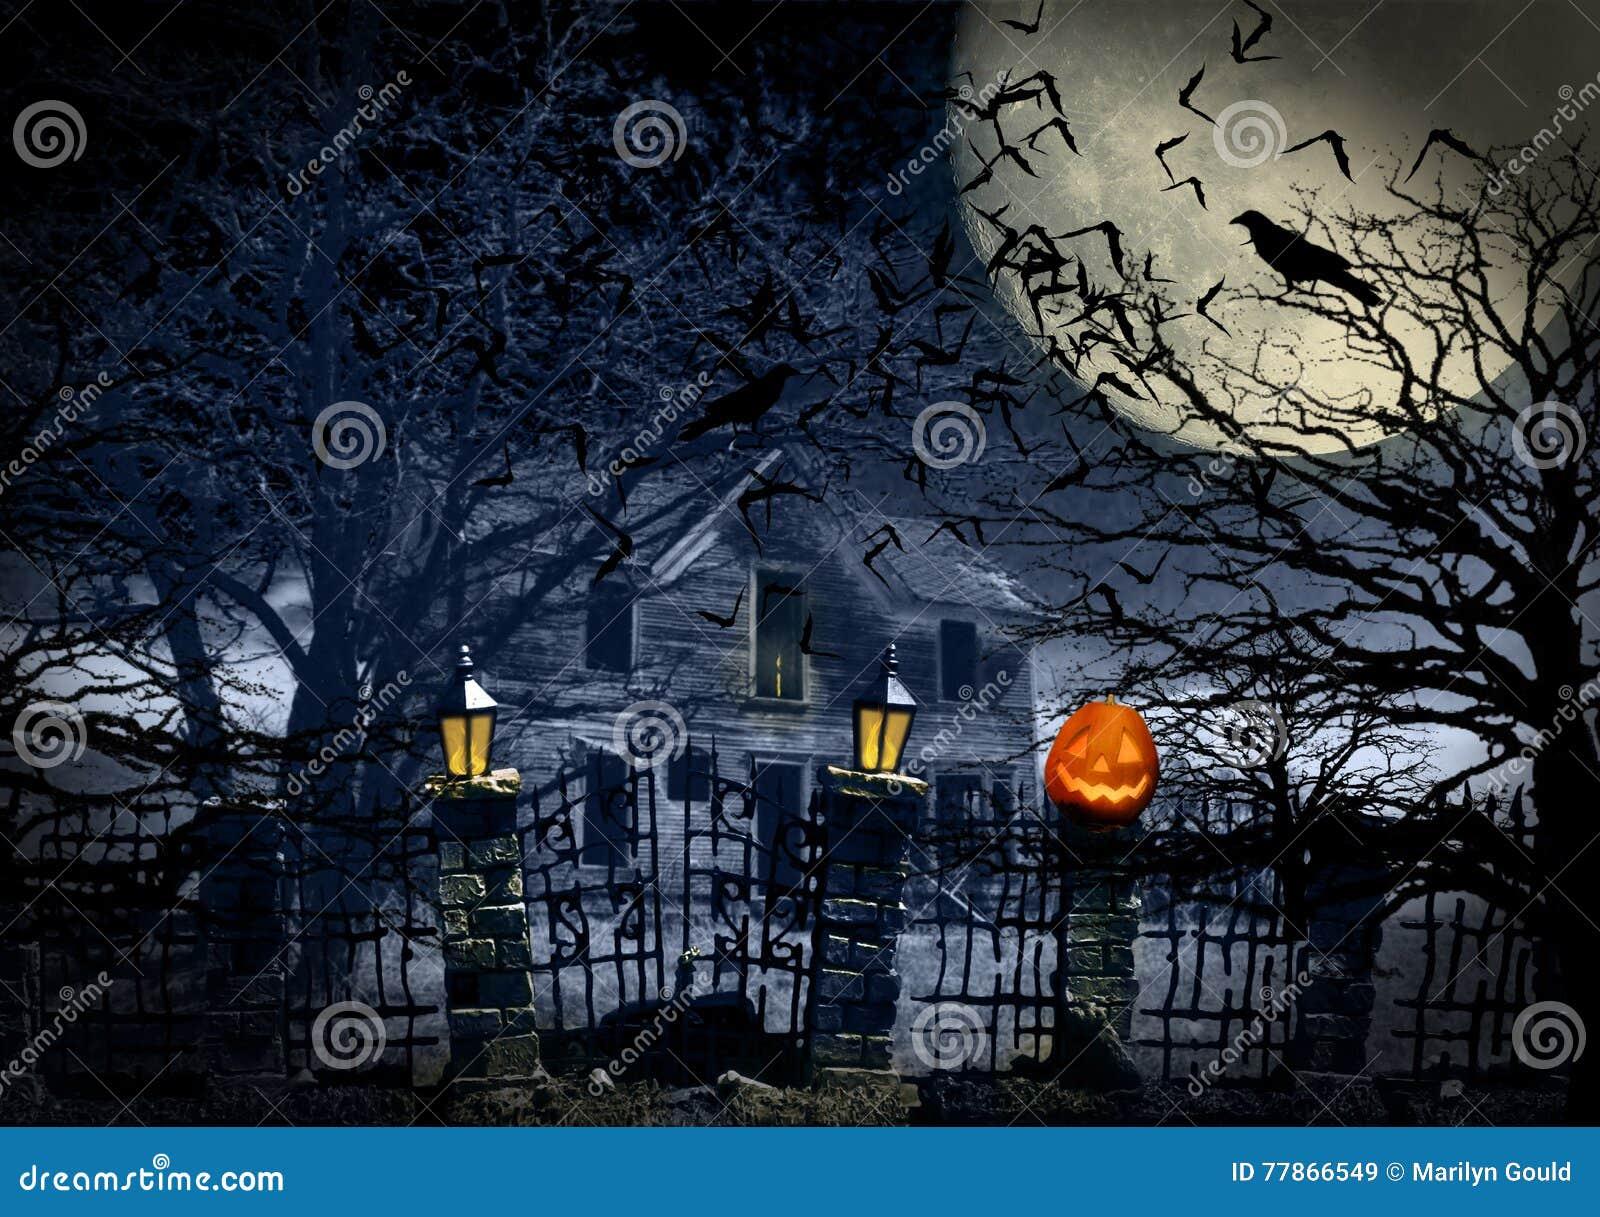 Image Result For Spooky Jack O Lanterns